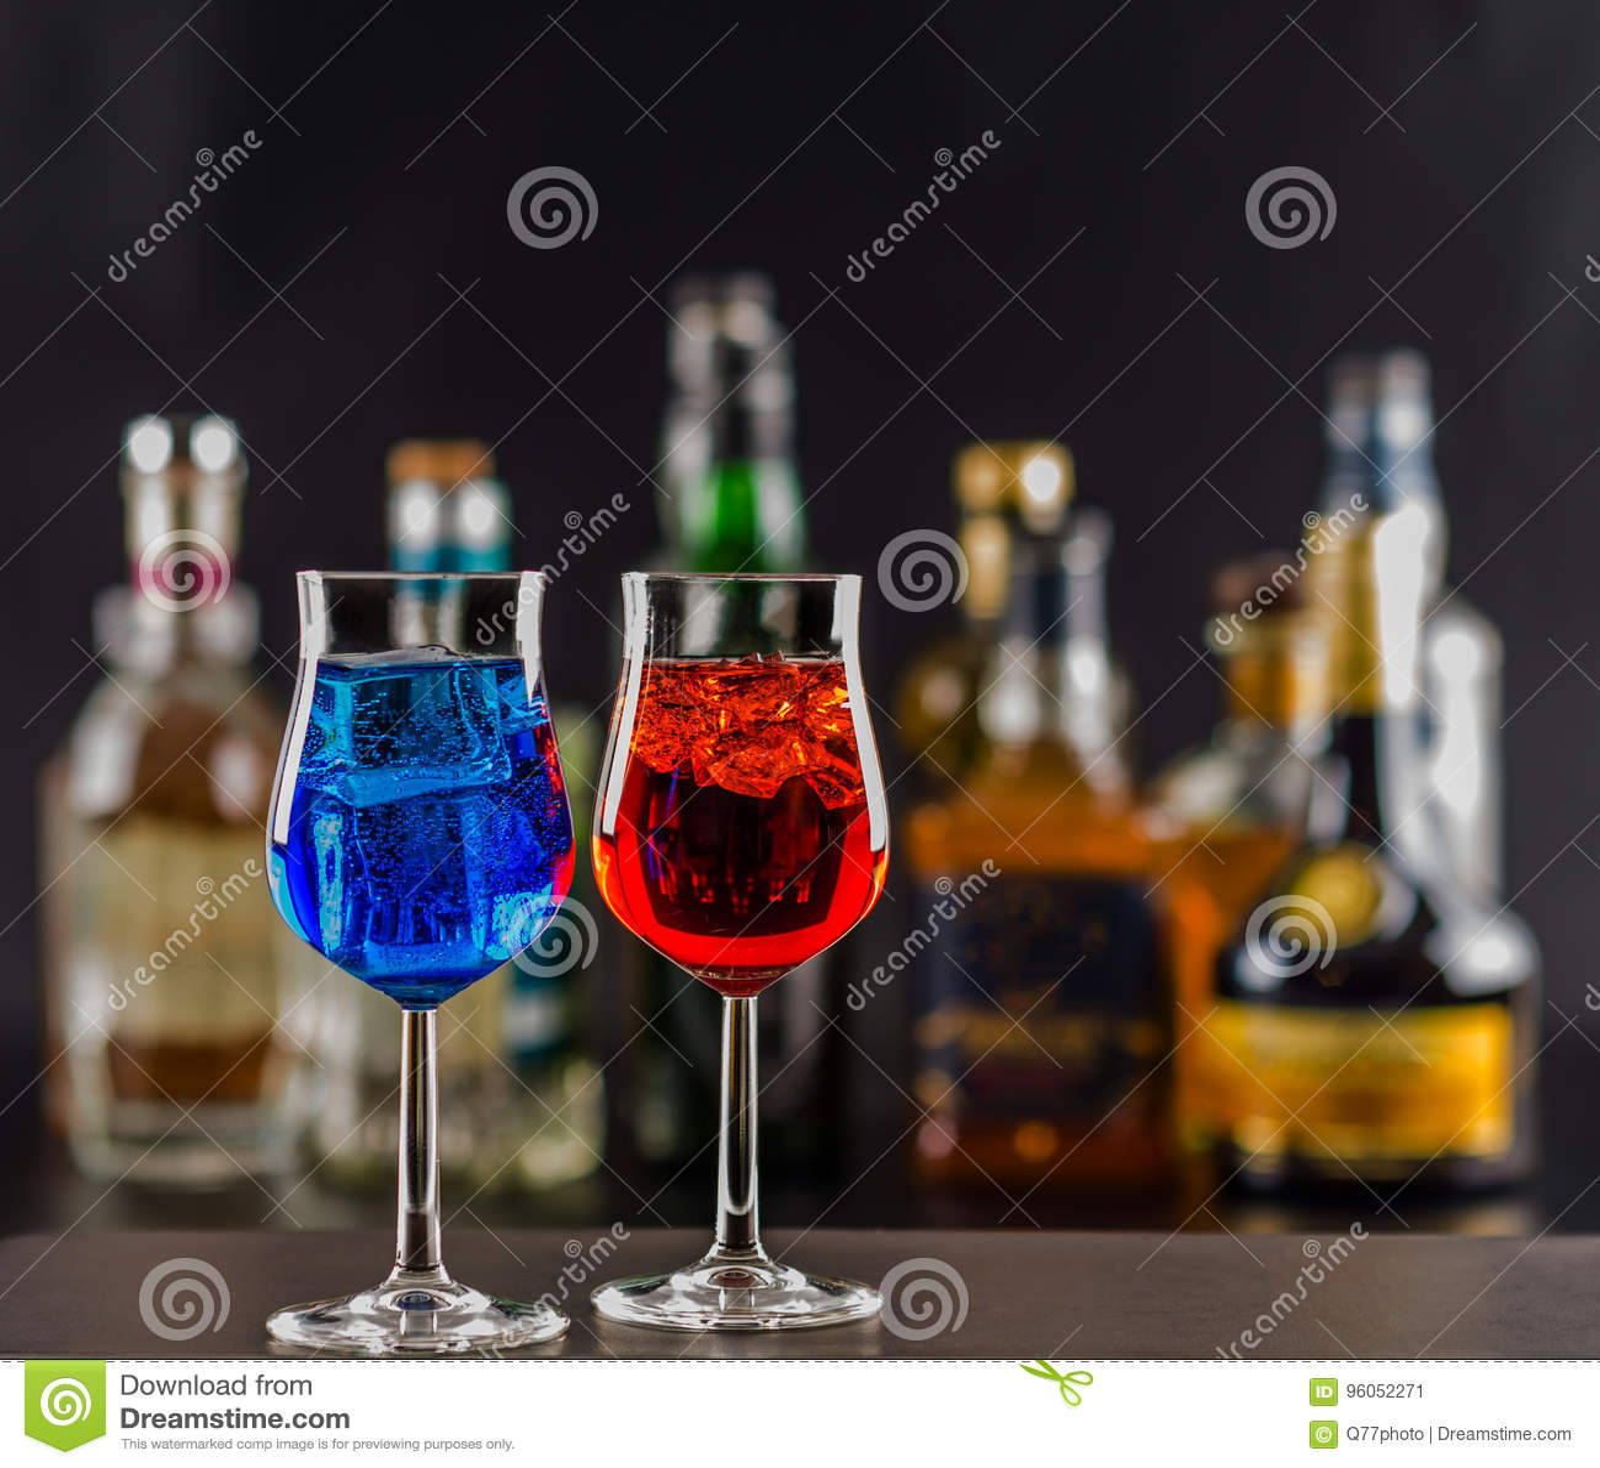 Boisson colorée sur le fond des bouteilles dans des formes originales,